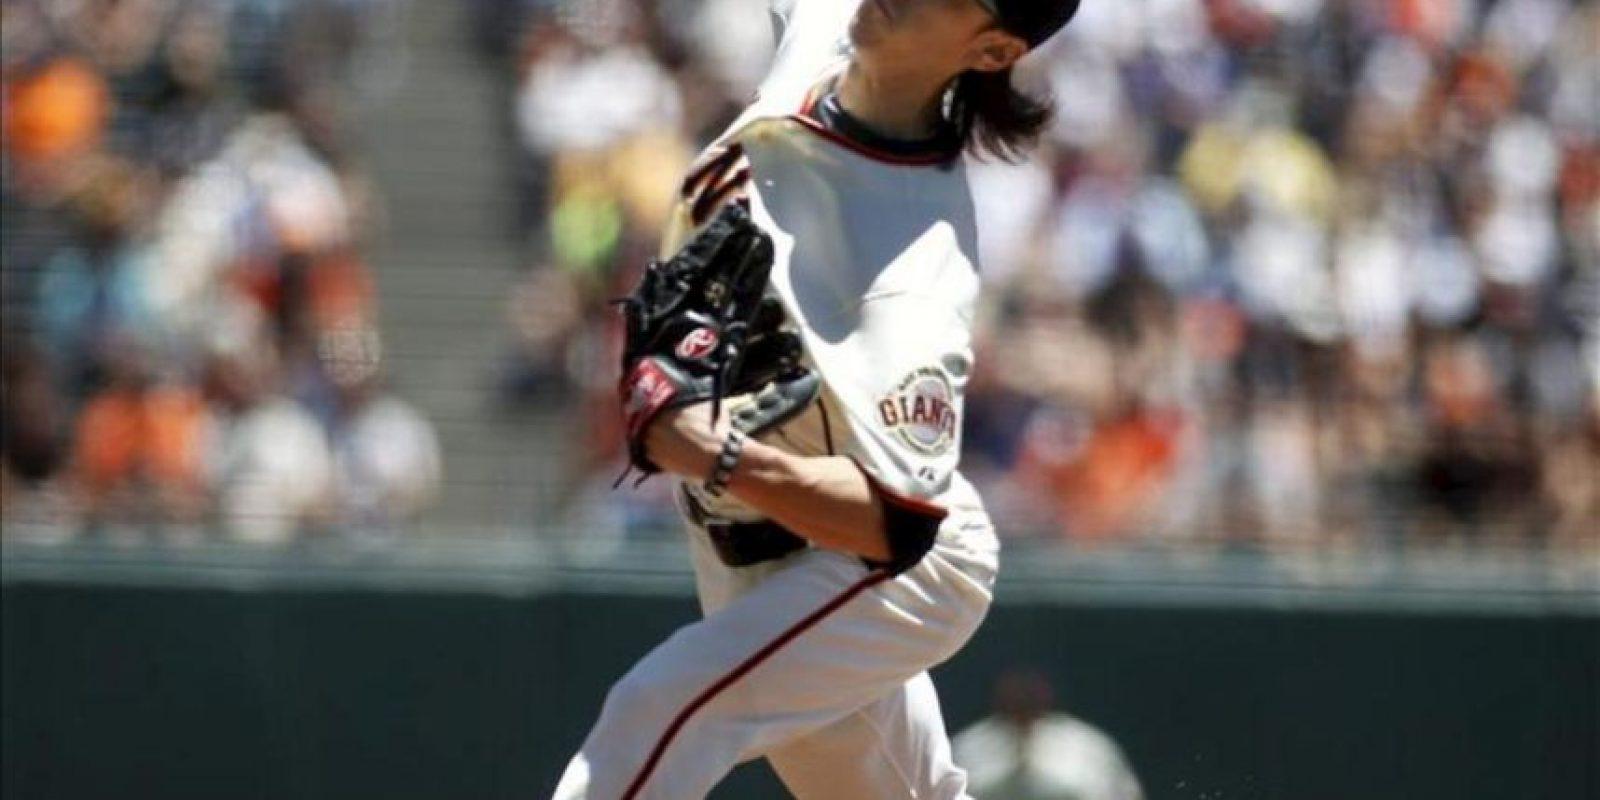 Tim Lincecum, lanzador inicialista de los Gigantes de San Francisco, fue registrado en acción ante los Dodgers de Los Ángeles, durante un partido de la MLB, en San Francisco, California (EEUU). EFE